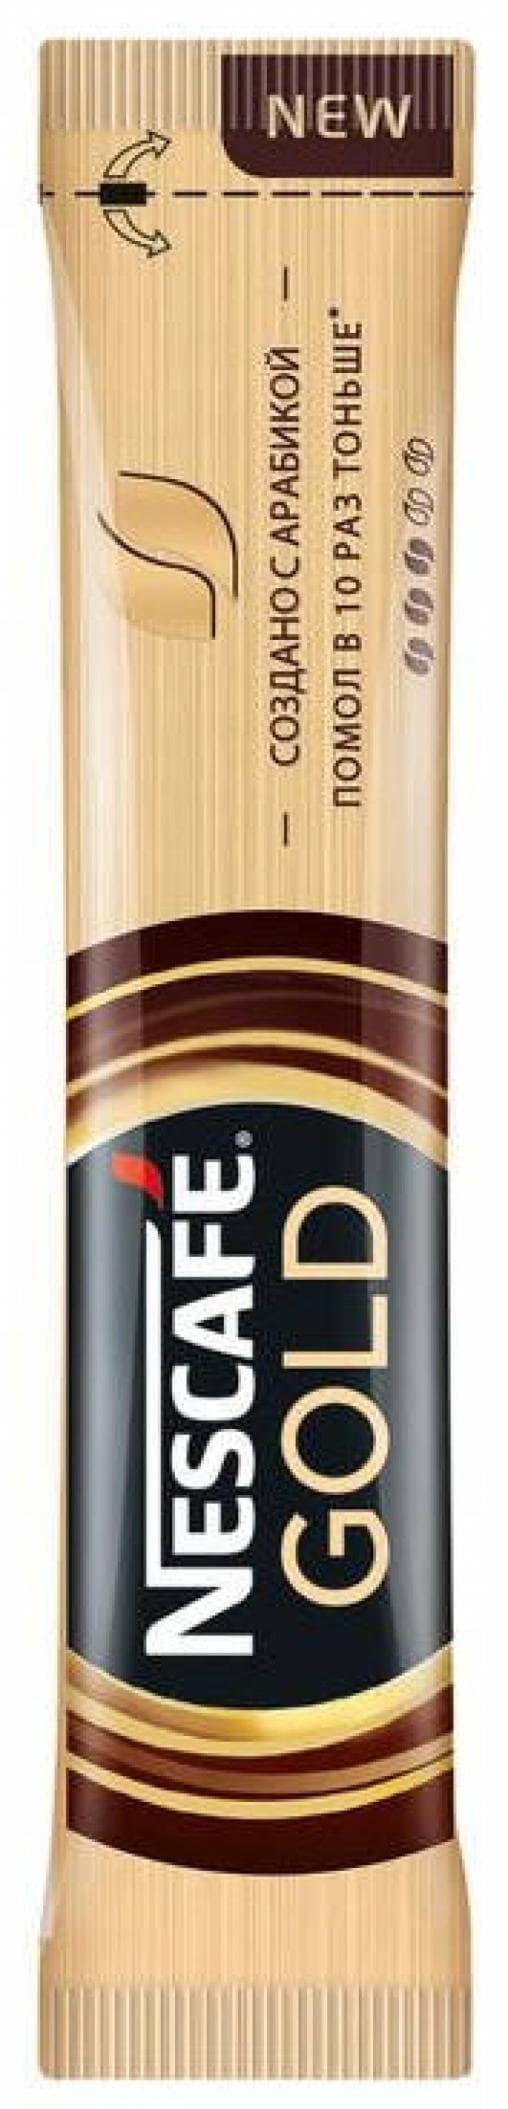 Кофе растворимый Nescafé Gold блок